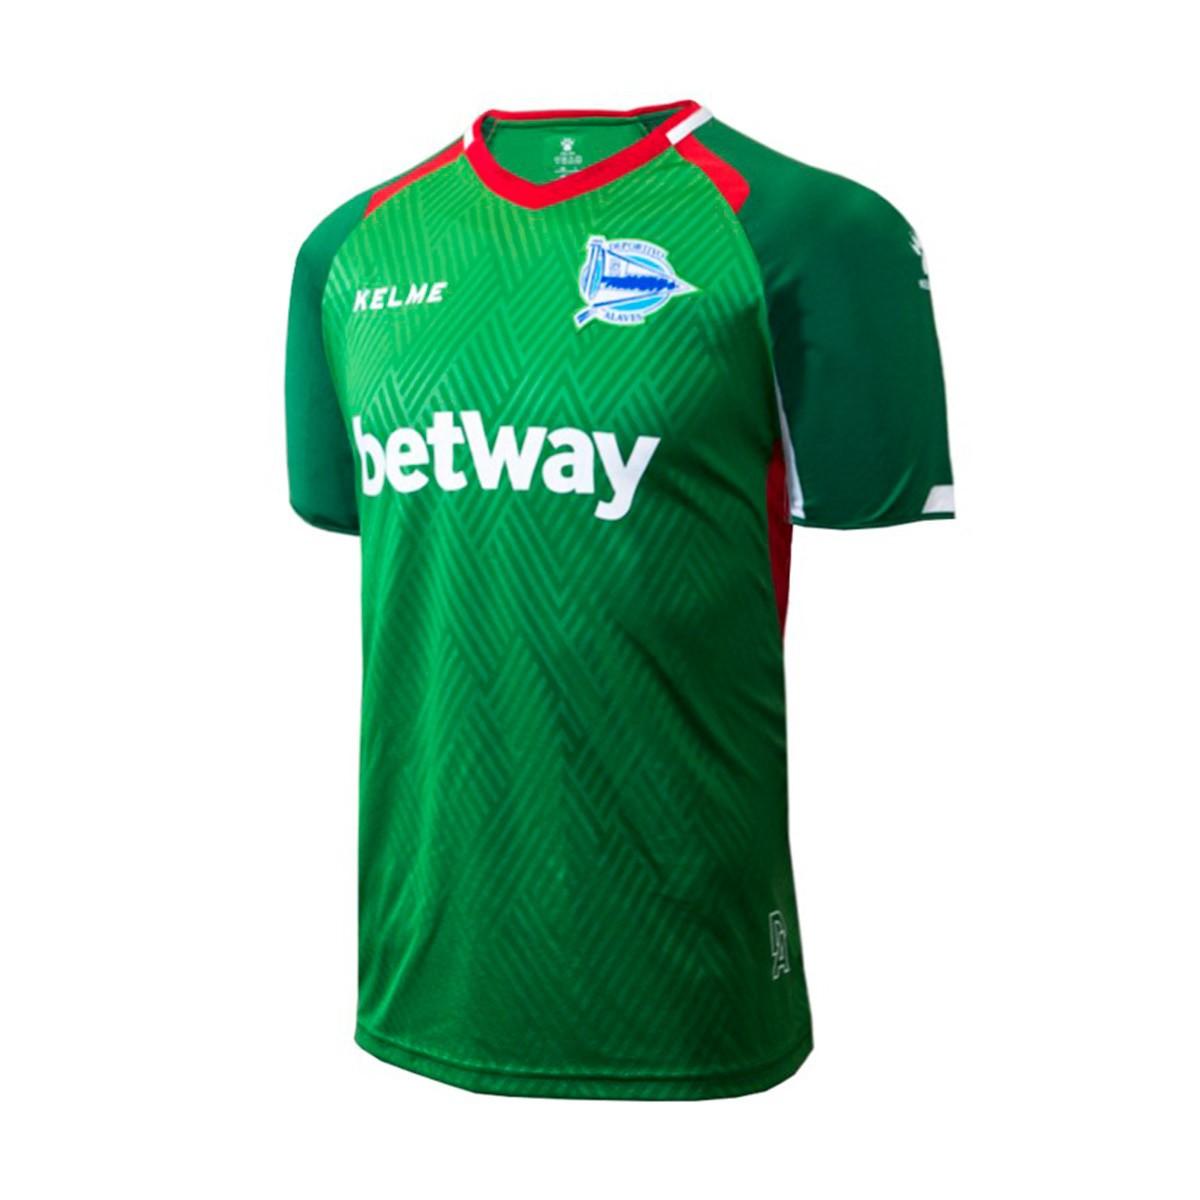 fa55a9a1e Maglia Kelme D. Alavés Away 2018-2019 Verde-Rosso - Negozio di calcio  Fútbol Emotion